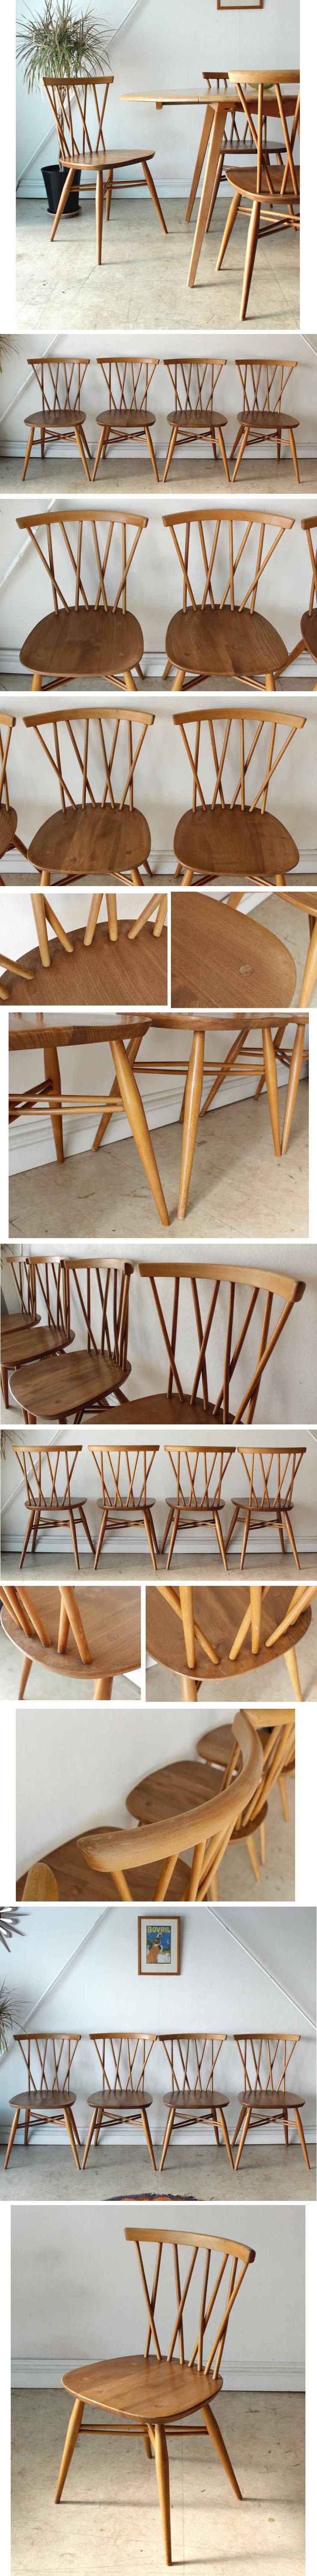 アーコール・チェア・椅子・アンティーク・ヴィンテージ・クロスバック・エックスバック・無垢・北欧